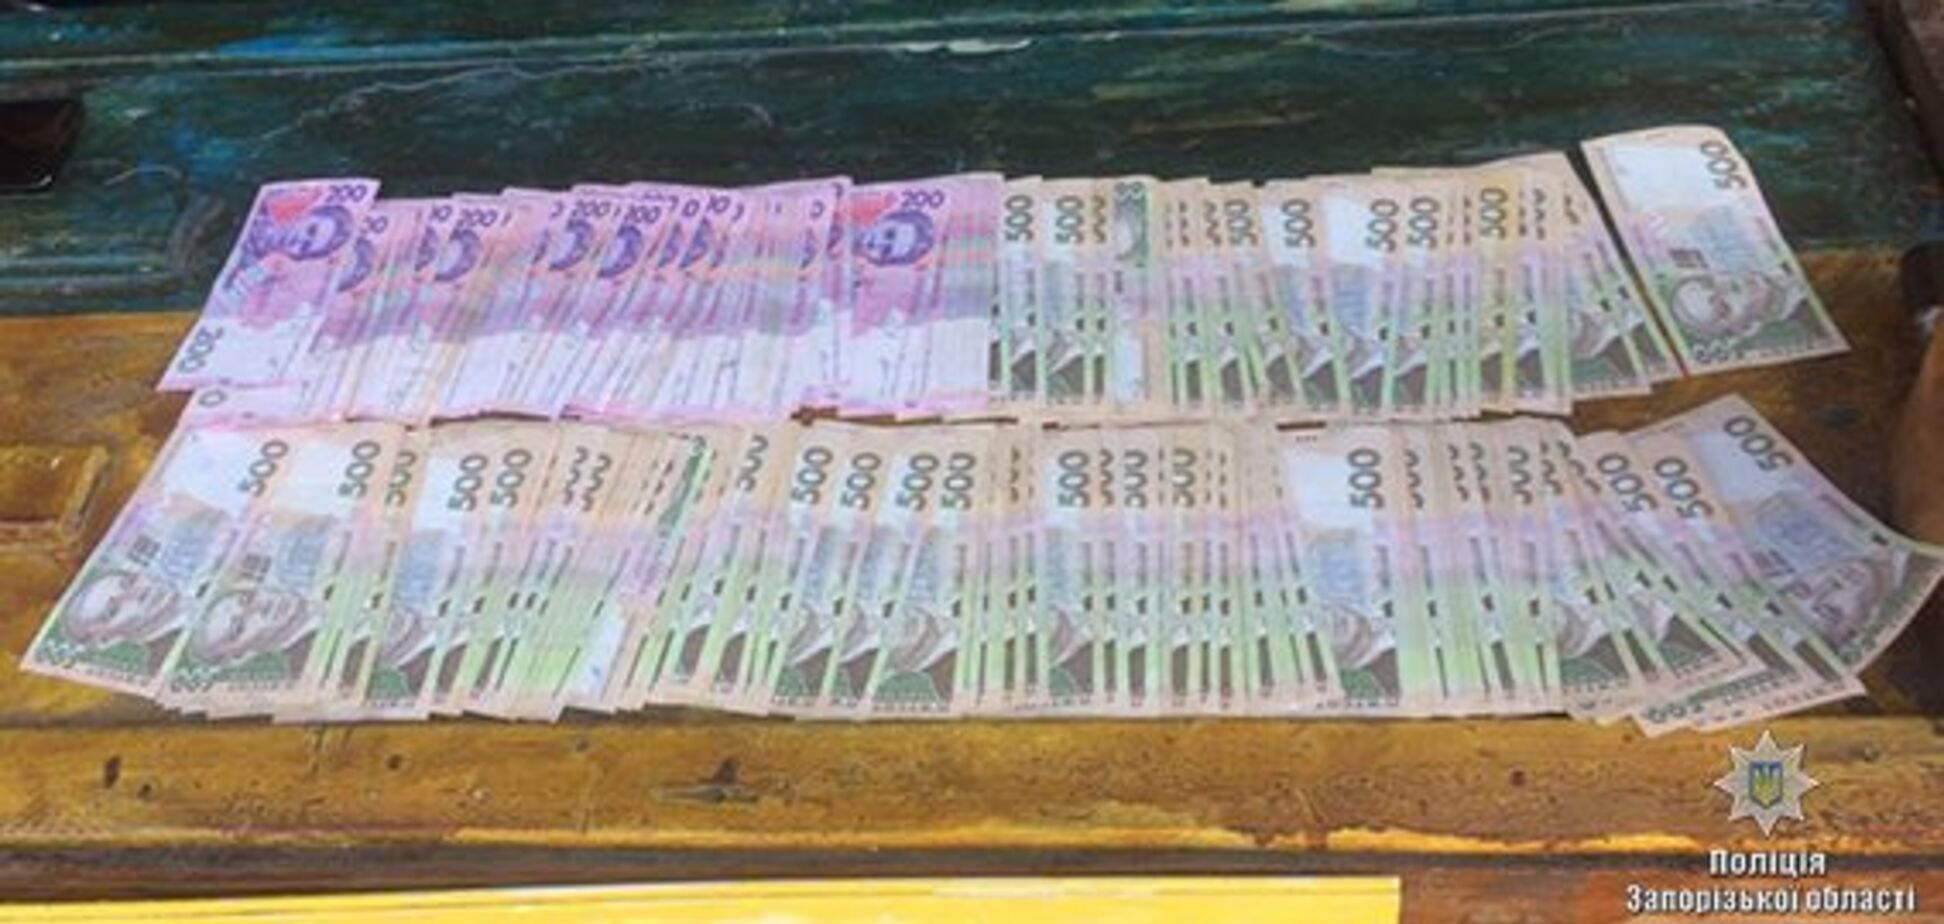 В Запорожье чиновник попался на взятке в несколько десятков тысяч гривен